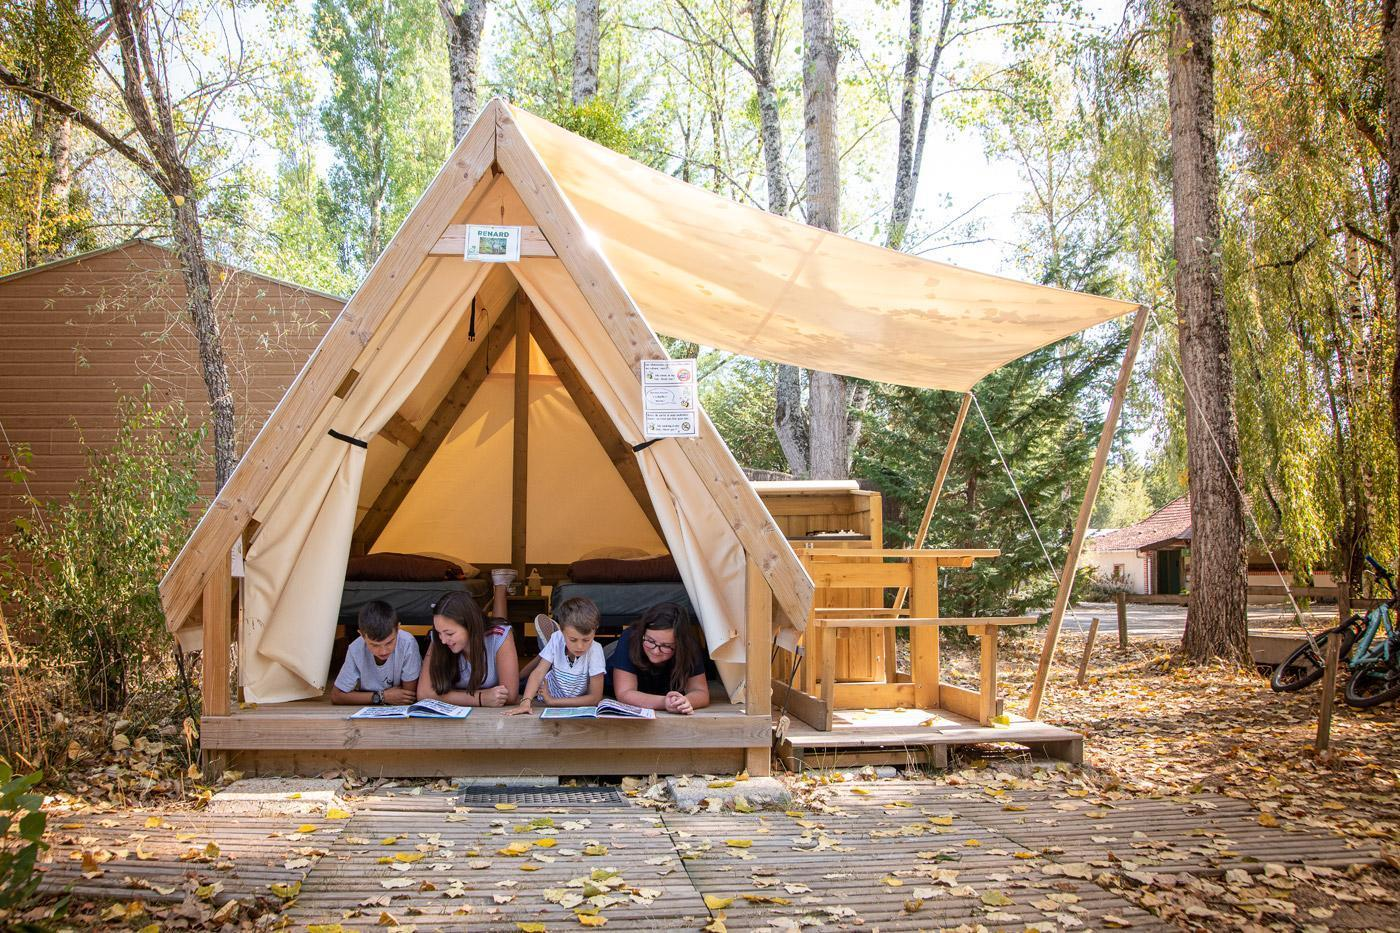 Camping Sites Et Paysages Les Saules Cheverny Sous La Tente (2)